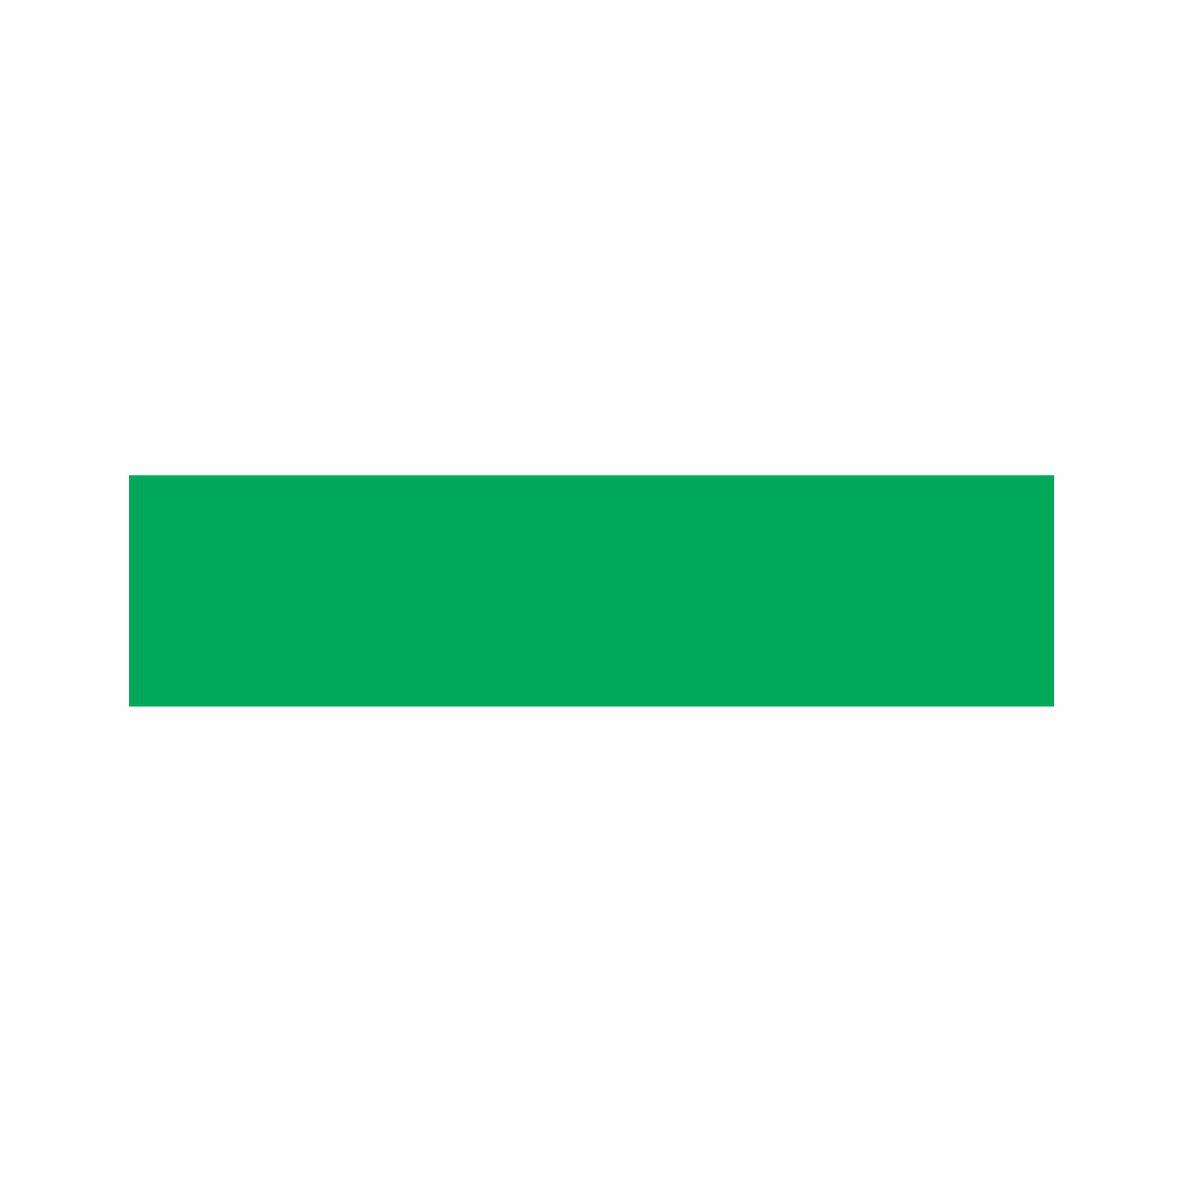 Verde  - Towbar Sinalização de Segurança